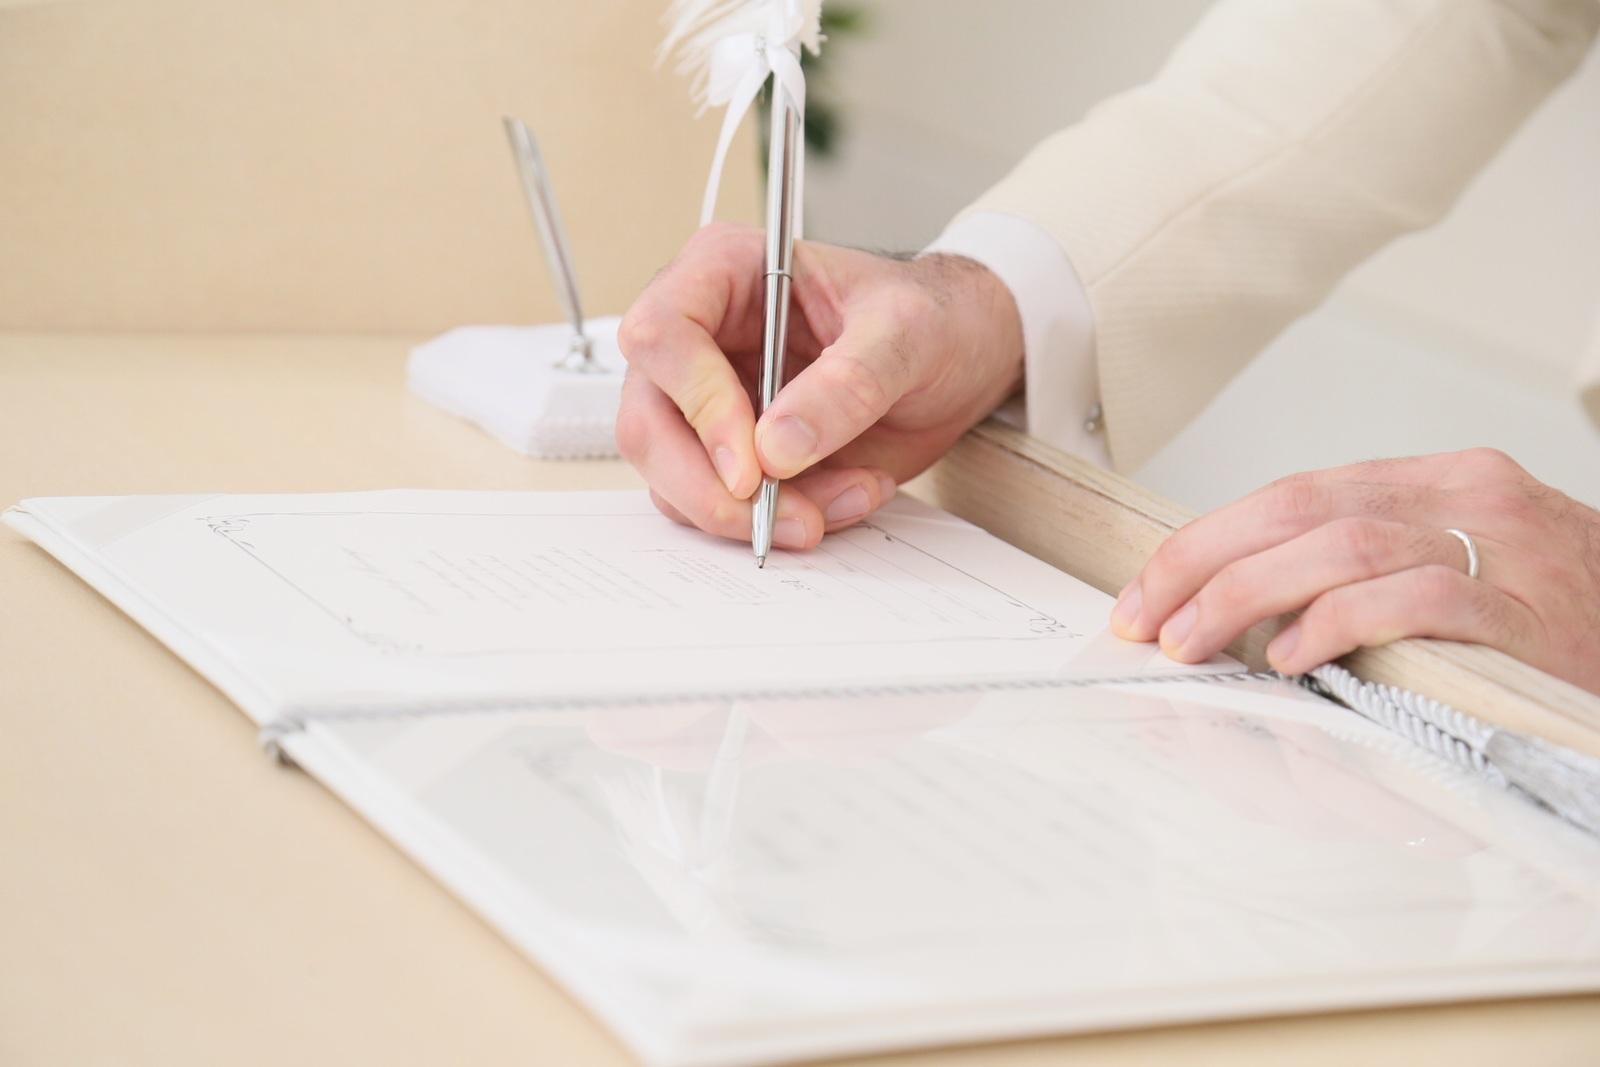 徳島市の結婚式場ブランアンジュでチャペル内での新郎新婦様自筆で結婚証明書へのサイン